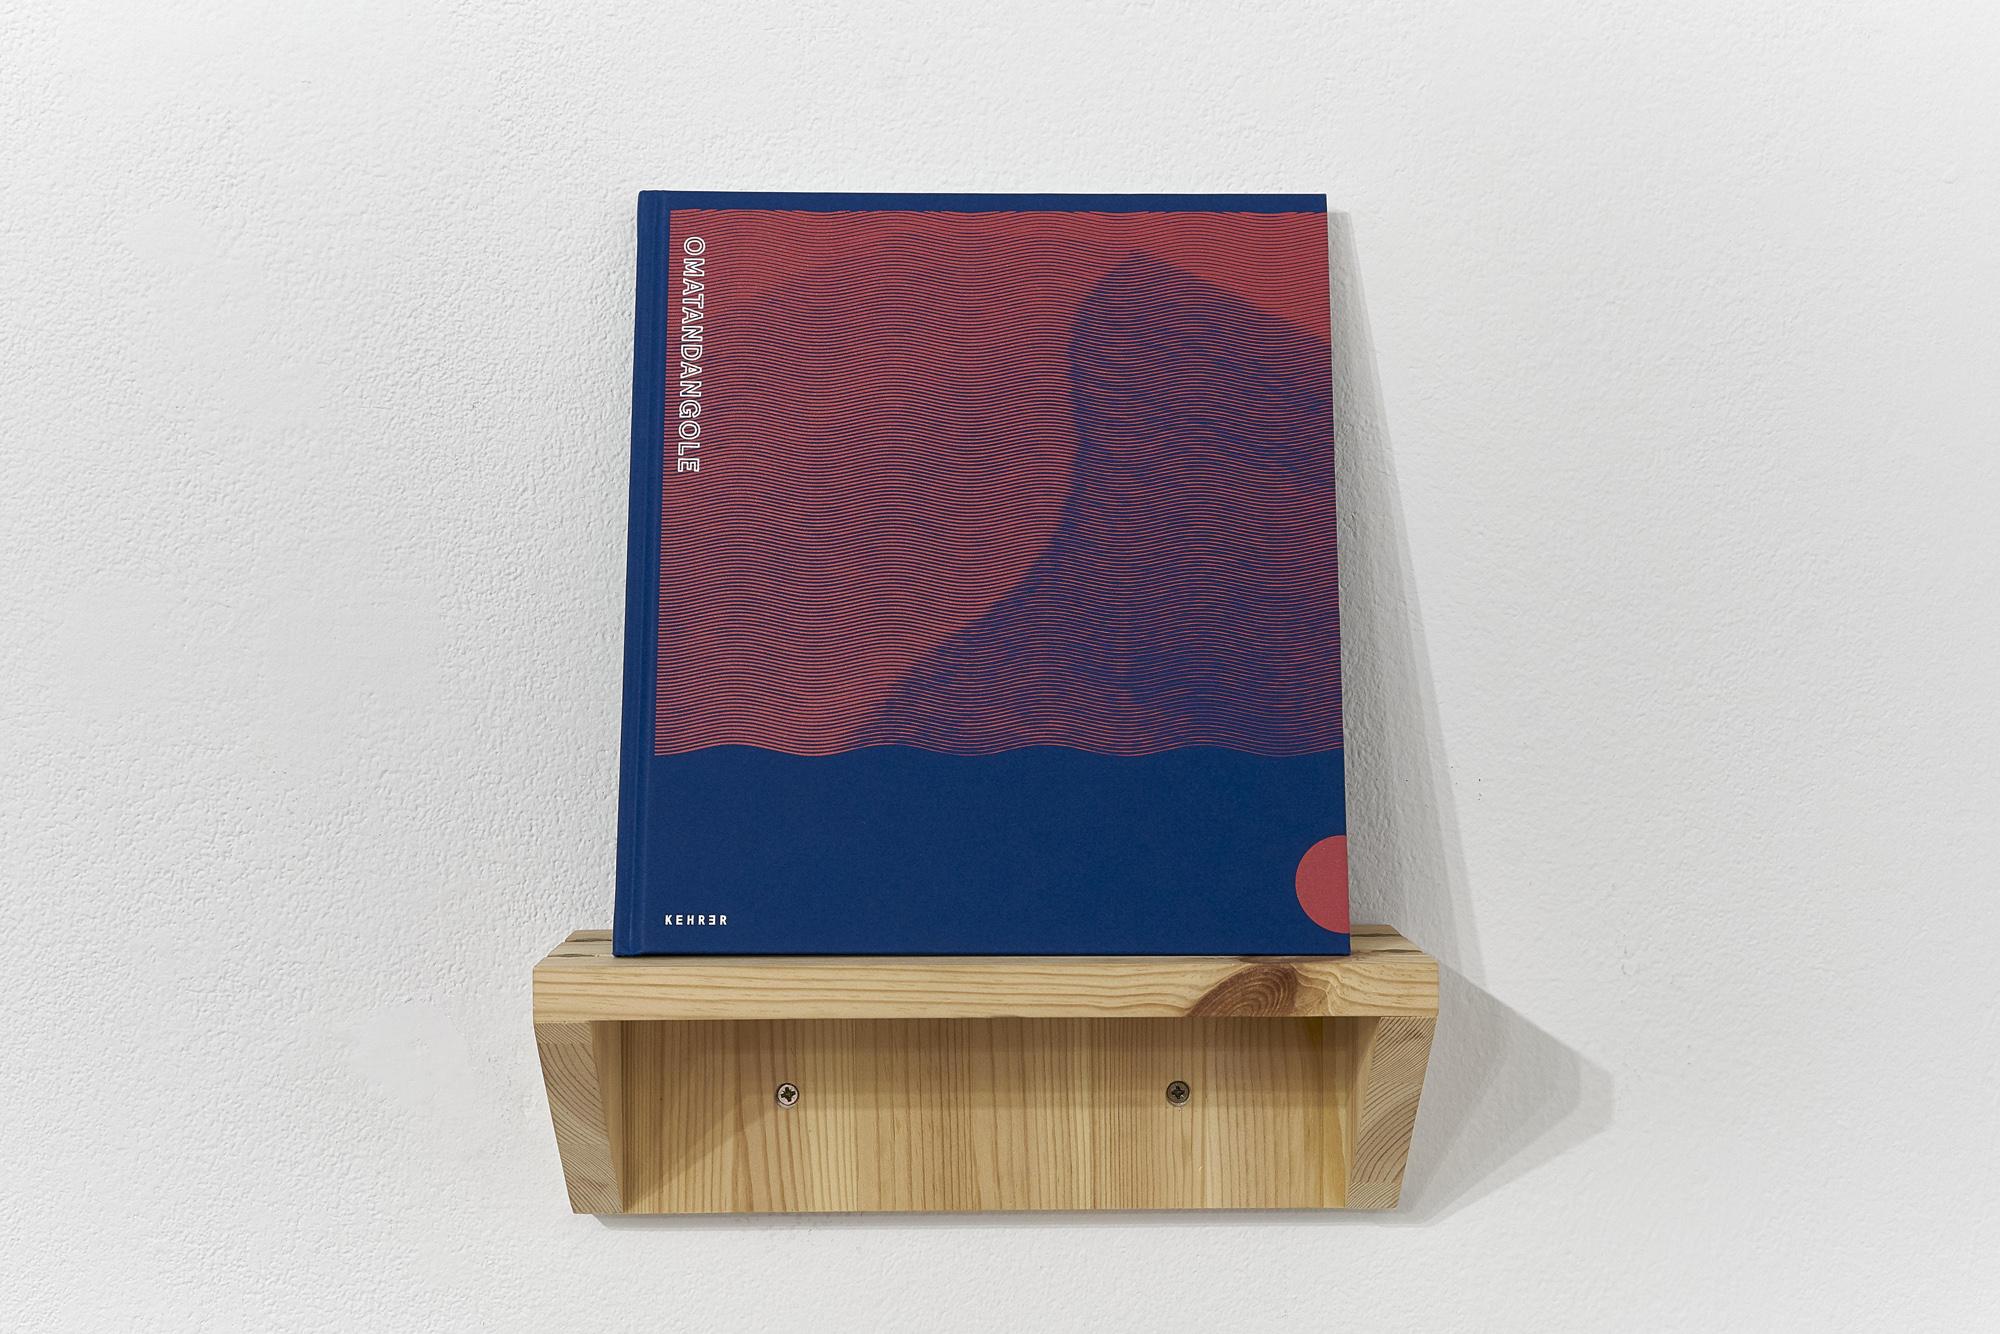 Fotó: Kiss Imre: Aapo Huhta: Omatandangole című könyve megvásárolható a Mai Manó Könyvesboltban